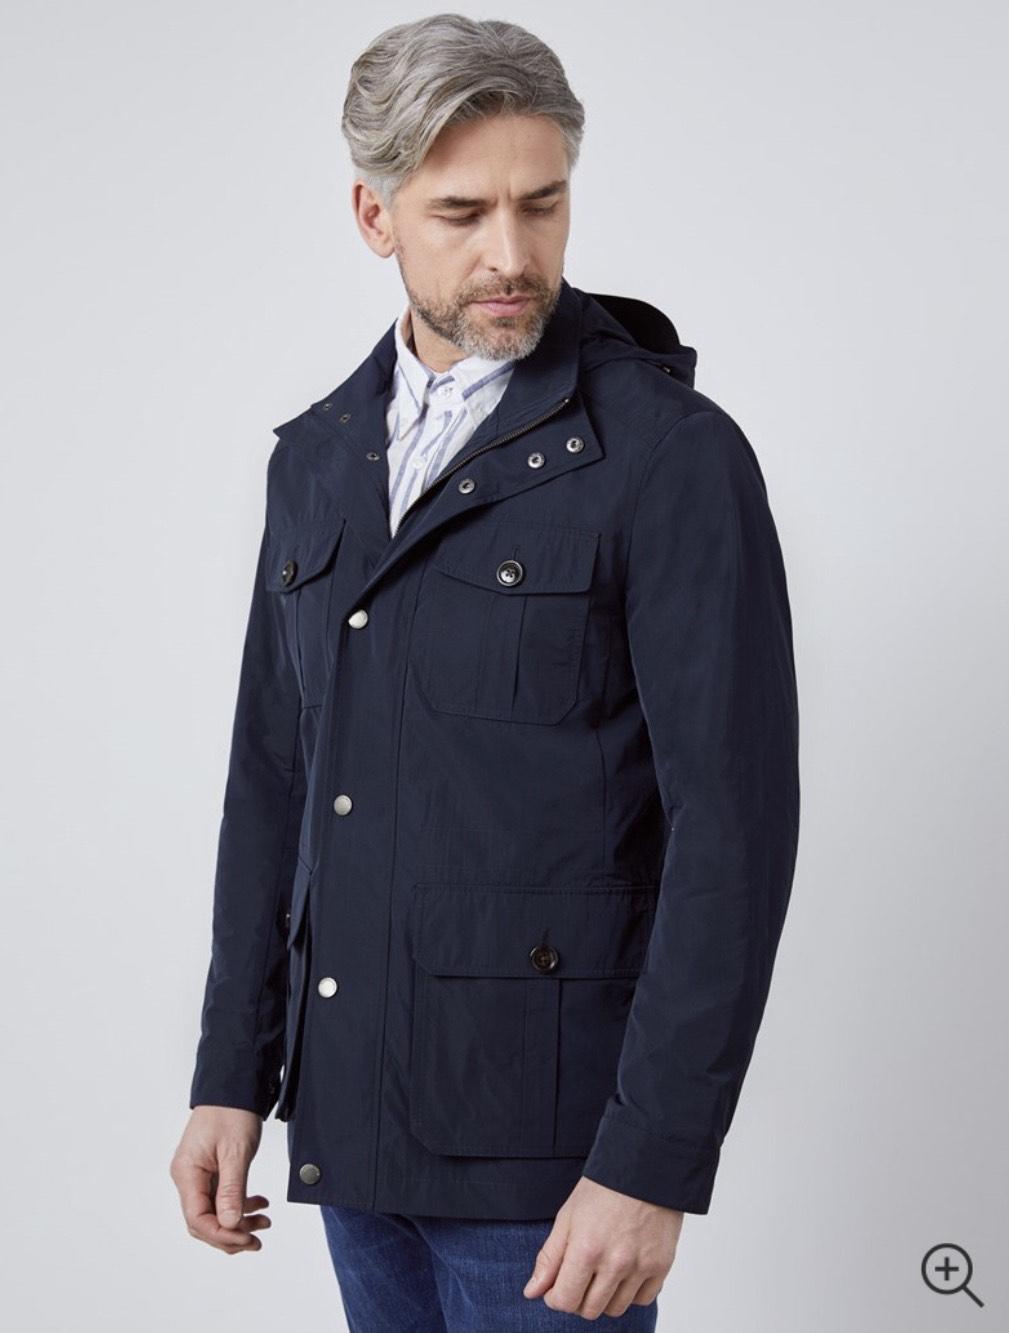 Men's Navy Field Jacket £83.95 delivered @ Hawes & Curtis